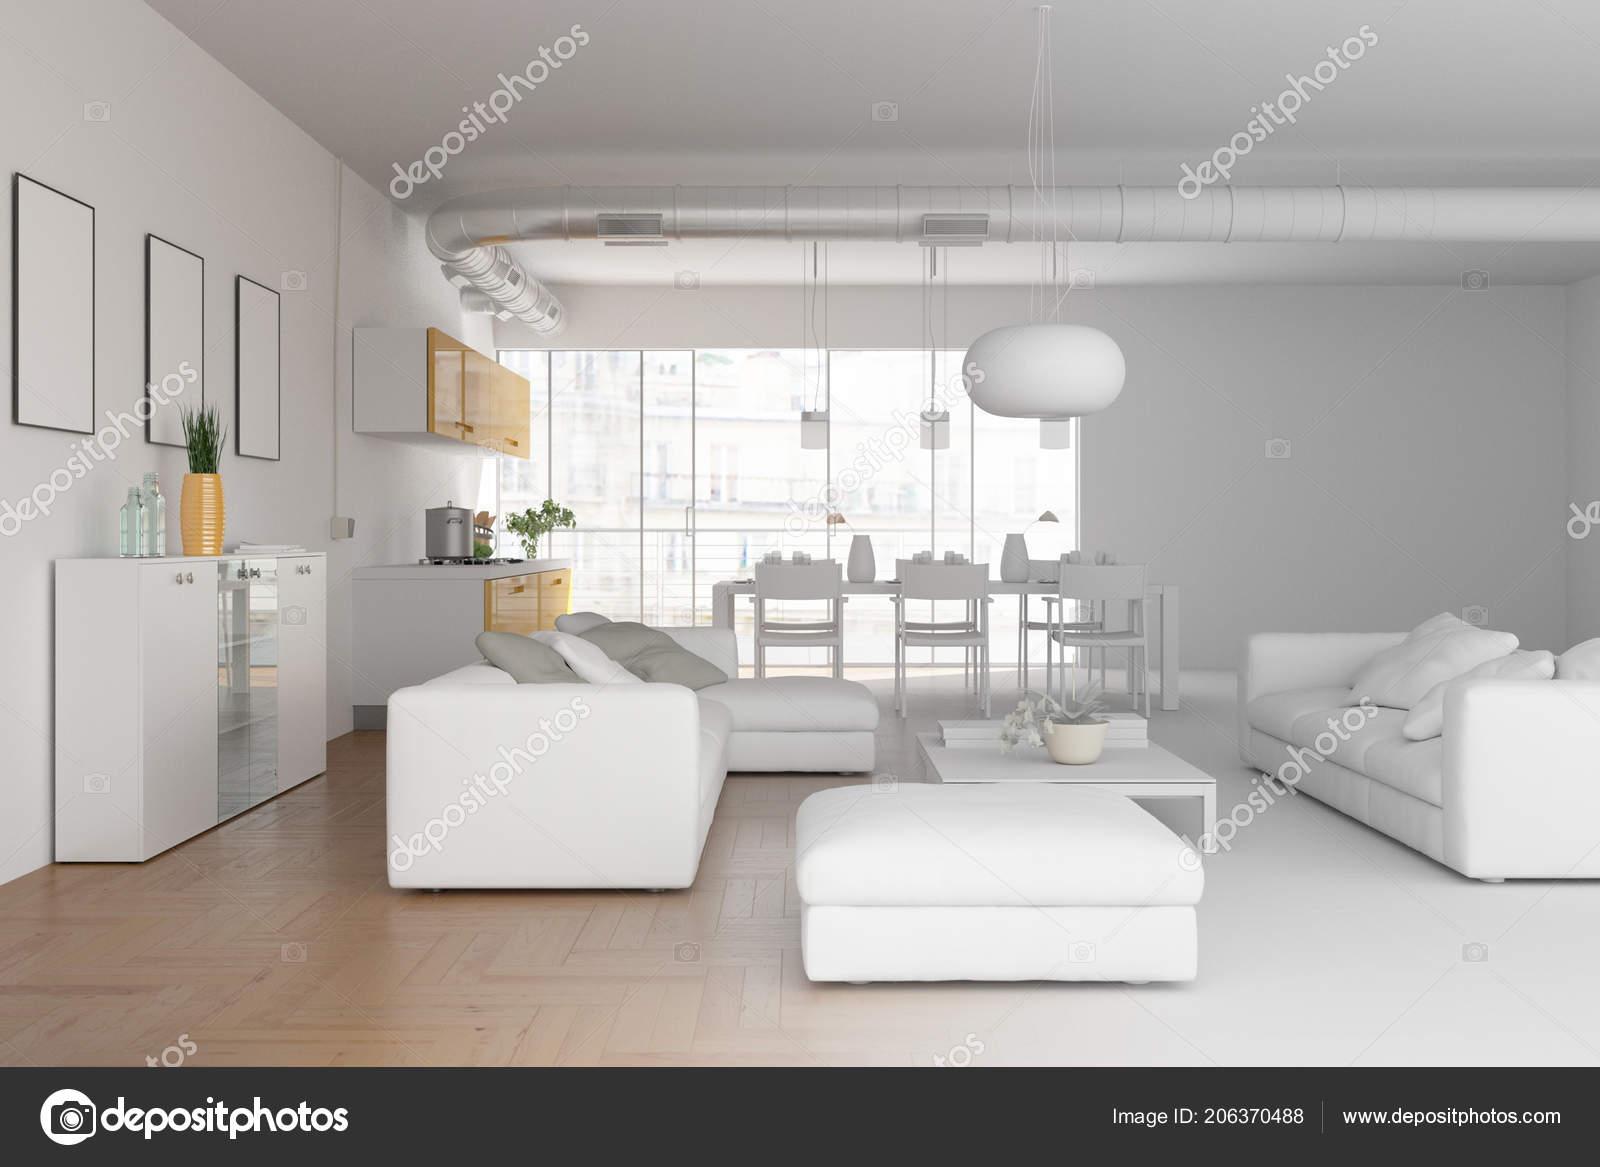 Model van modern interieur woonkamer u2014 stockfoto © virtua73 #206370488